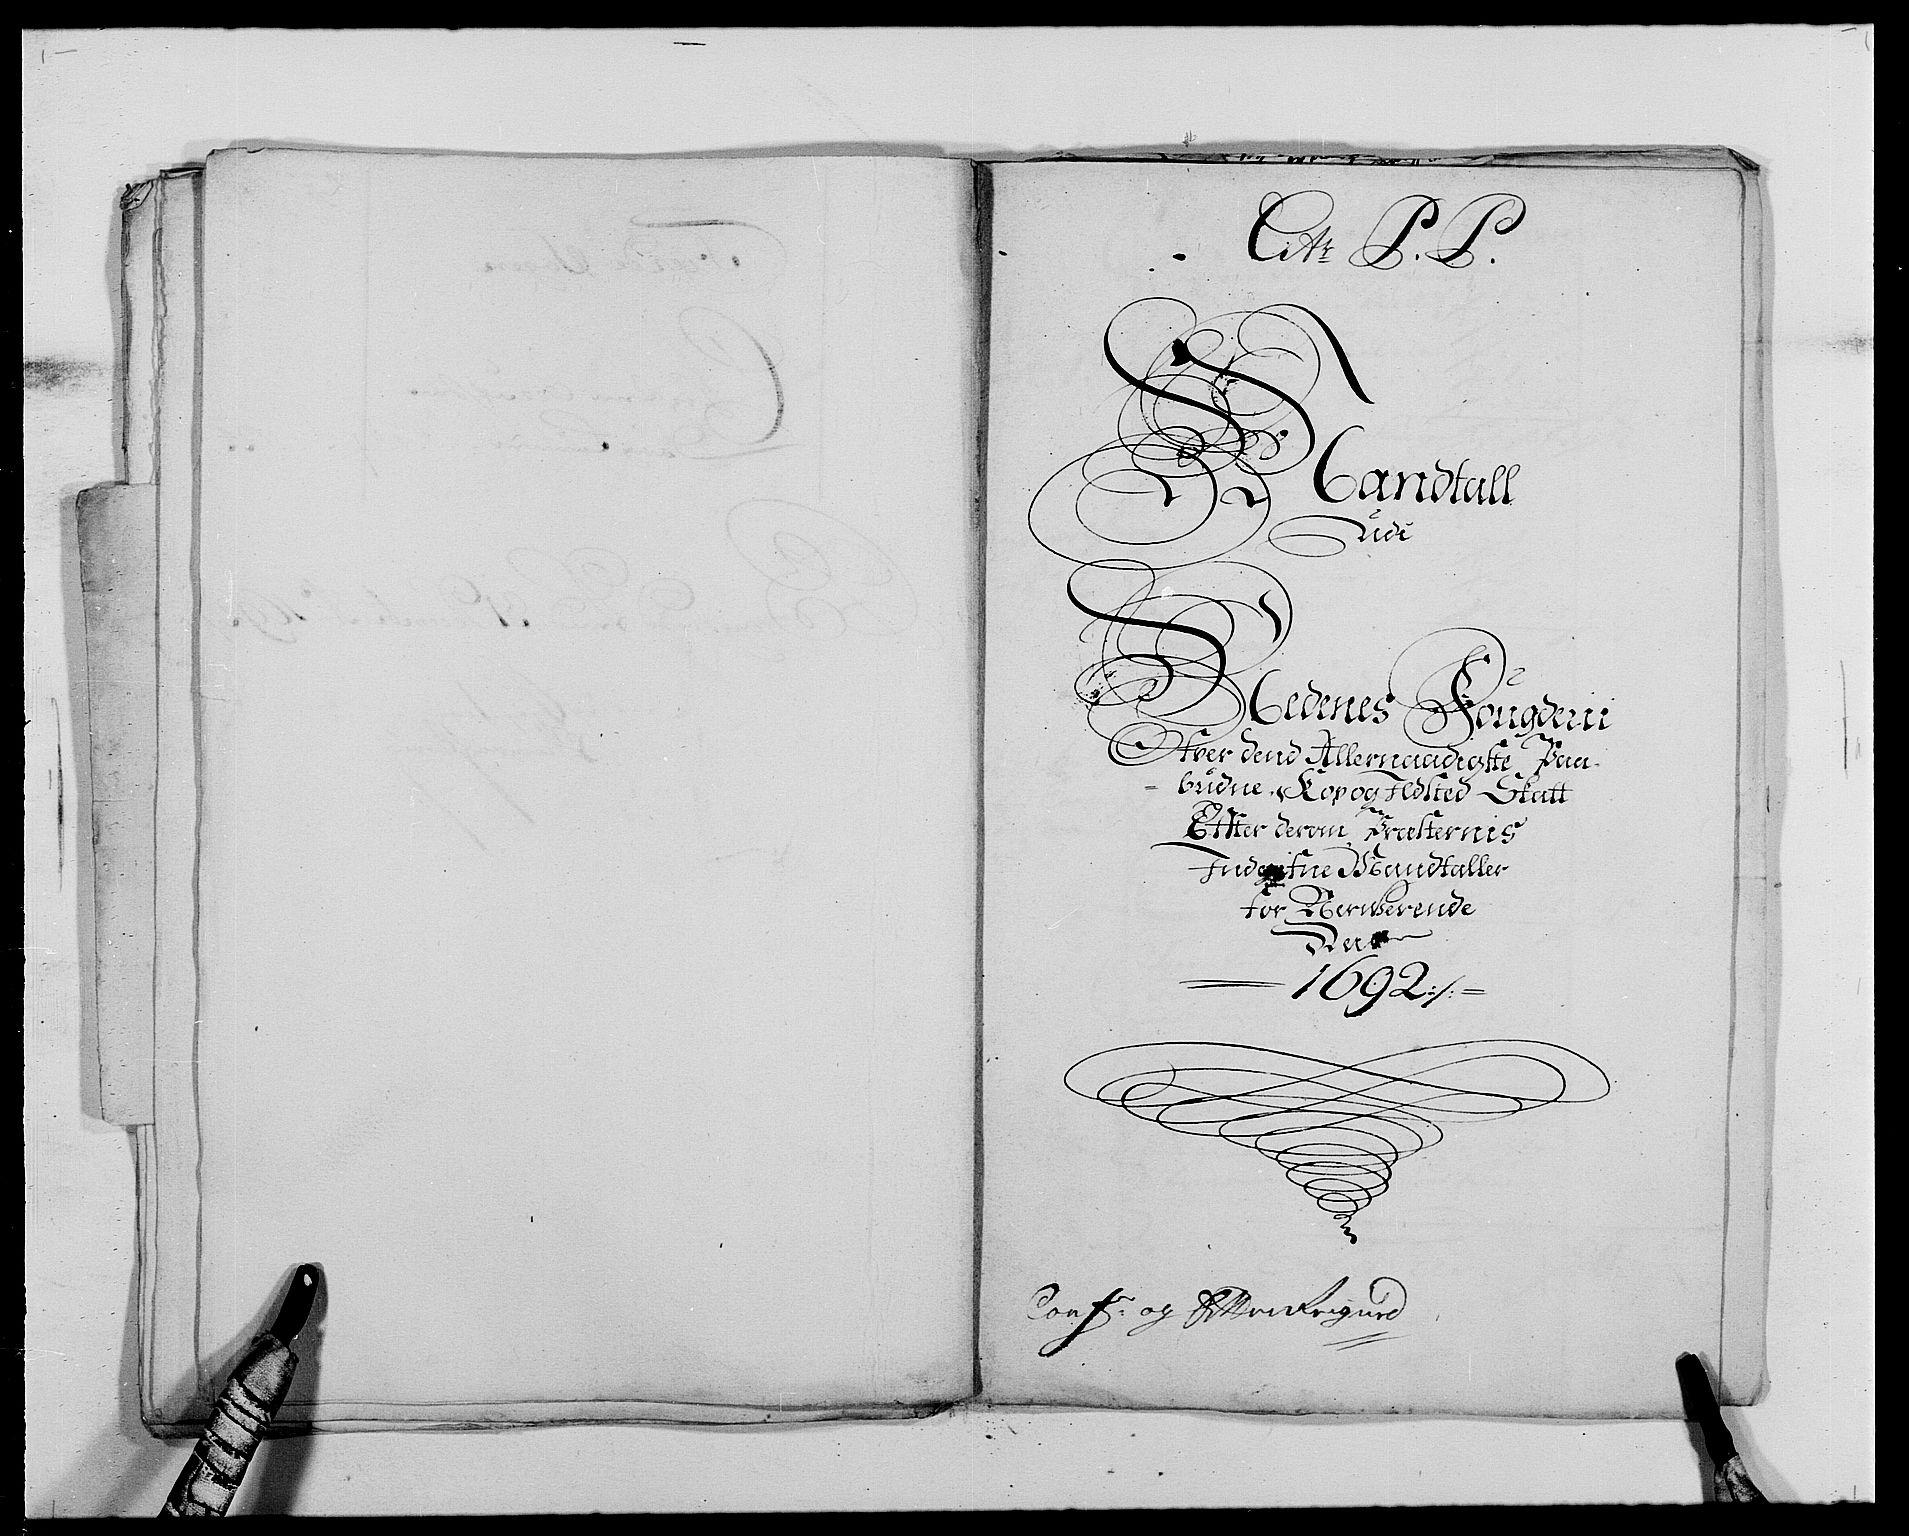 RA, Rentekammeret inntil 1814, Reviderte regnskaper, Fogderegnskap, R39/L2311: Fogderegnskap Nedenes, 1690-1692, s. 254